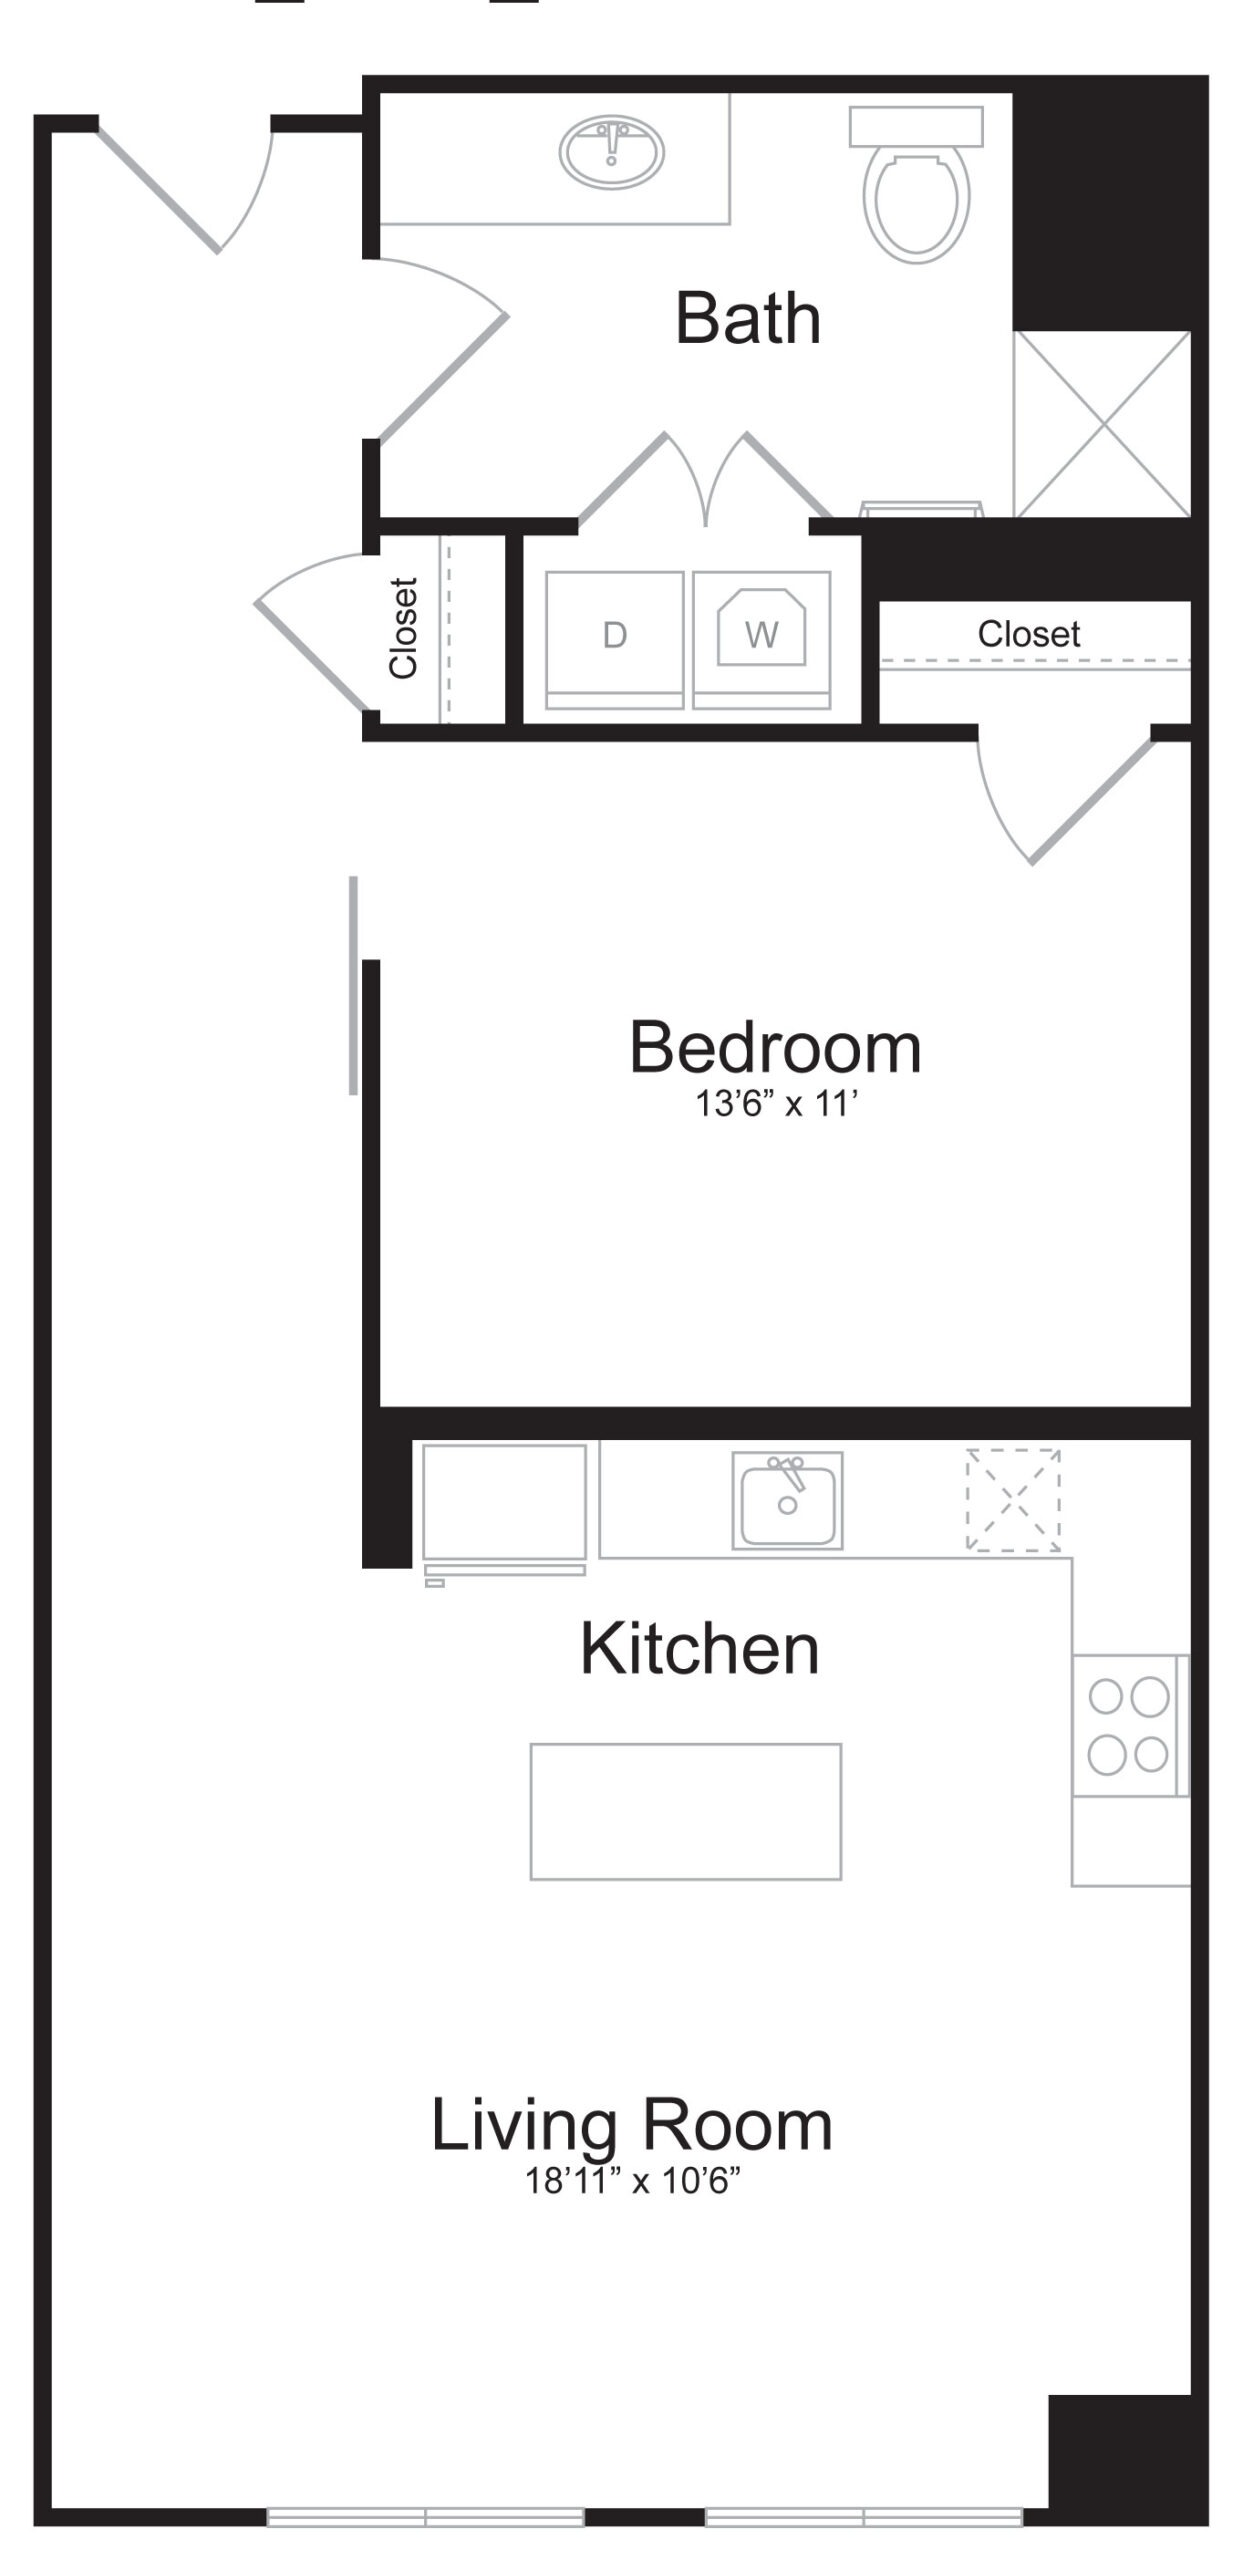 C6 - 1 Bed 1 Bath - 805 SF